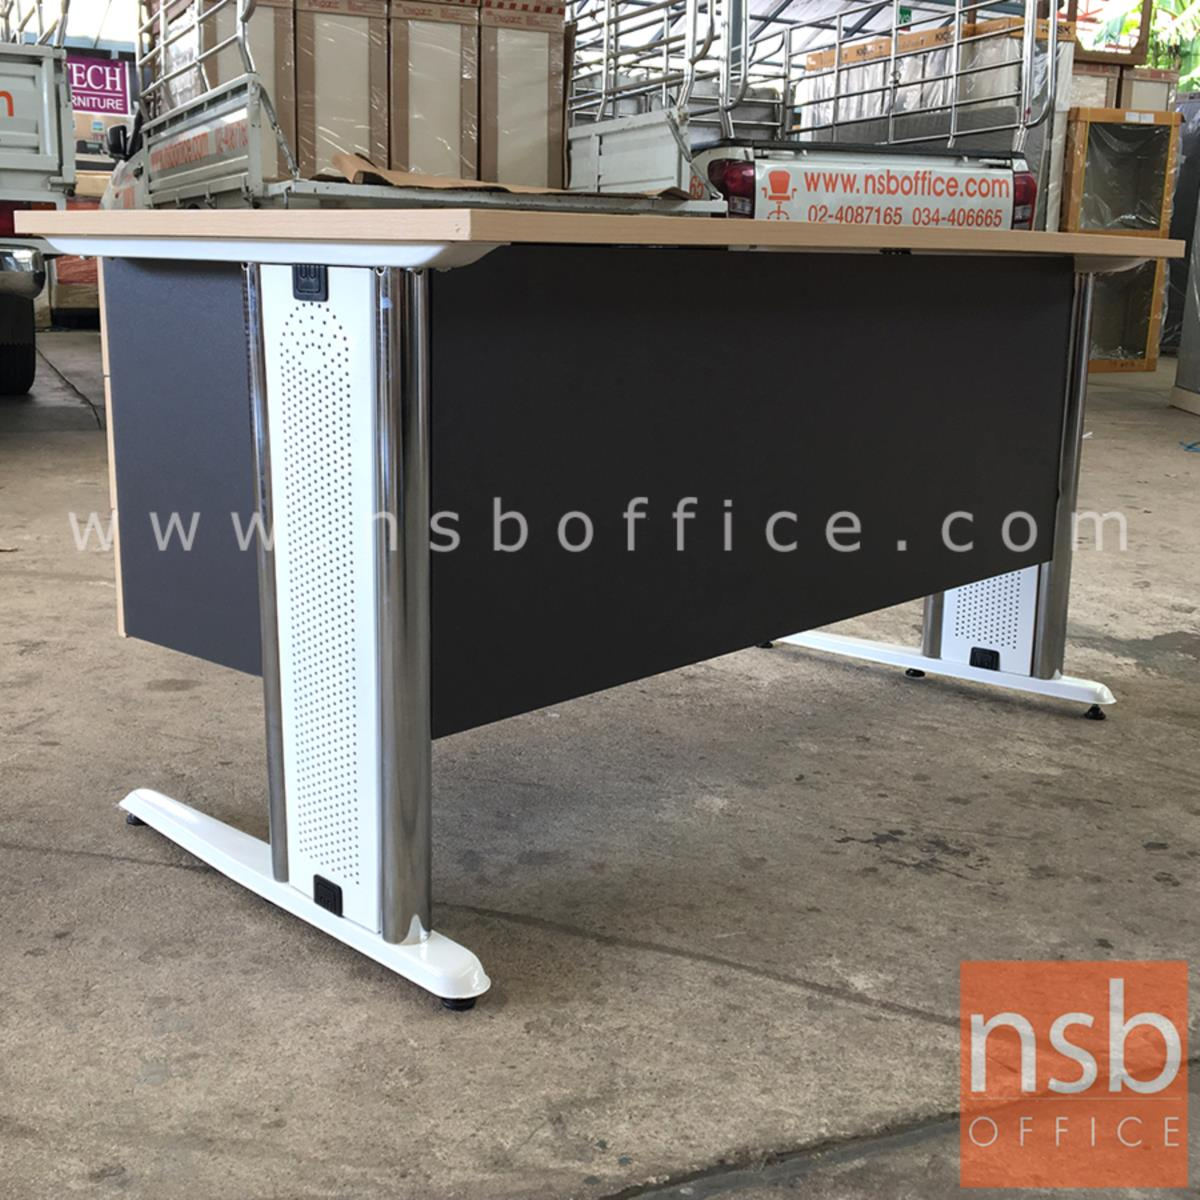 โต๊ะทำงาน 3 ลิ้นชัก รุ่น Cliveden (คลิฟเดิน) ขนาด 120W, 135W, 150W (60D) cm.  ขาเหล็กตัวแอล